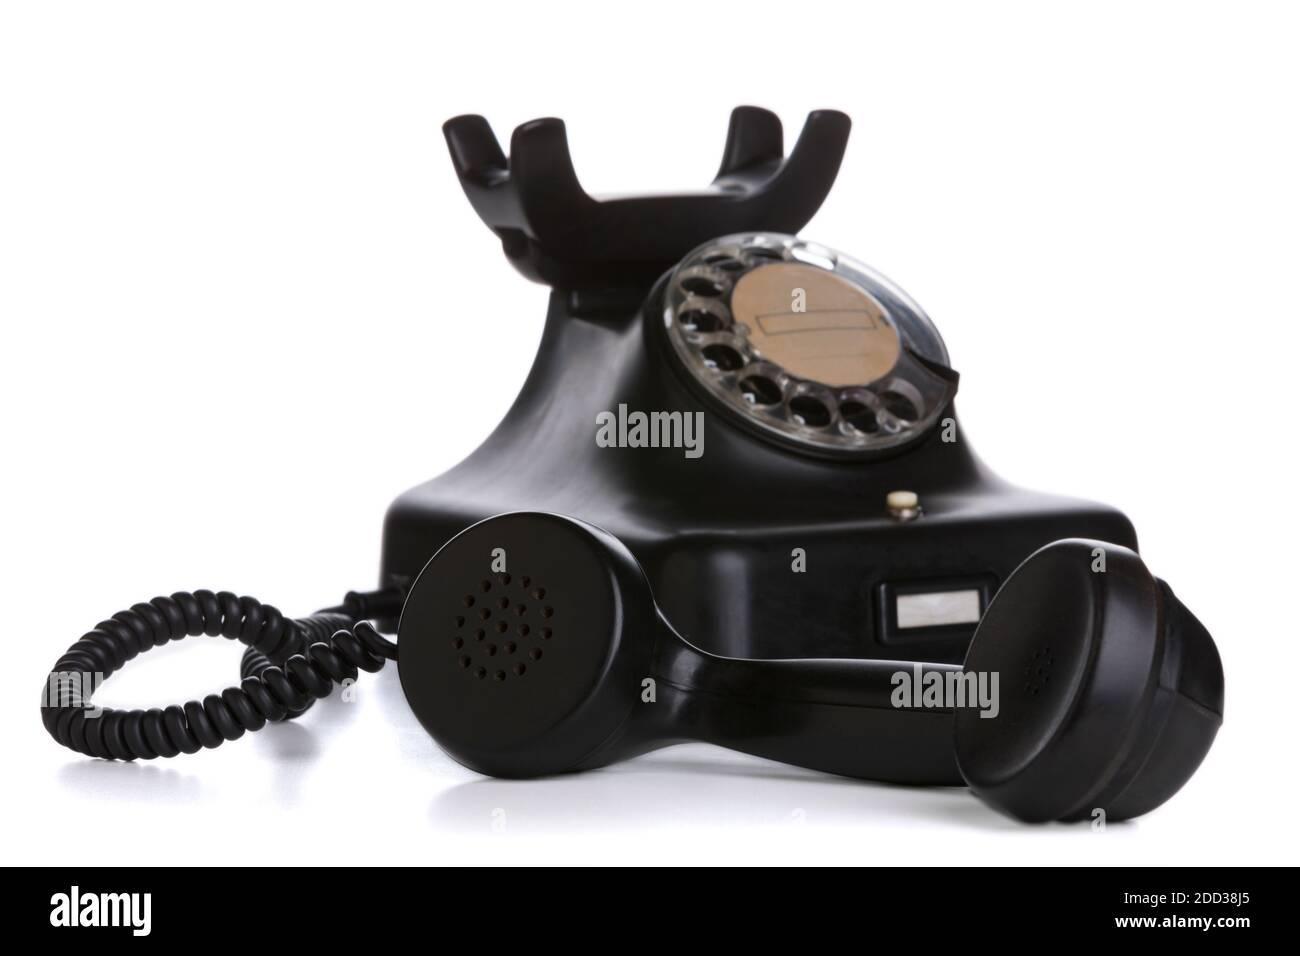 Vintage-Telefon mit Empfänger im Fokus genommen, isoliert auf weißem Hintergrund Stockfoto